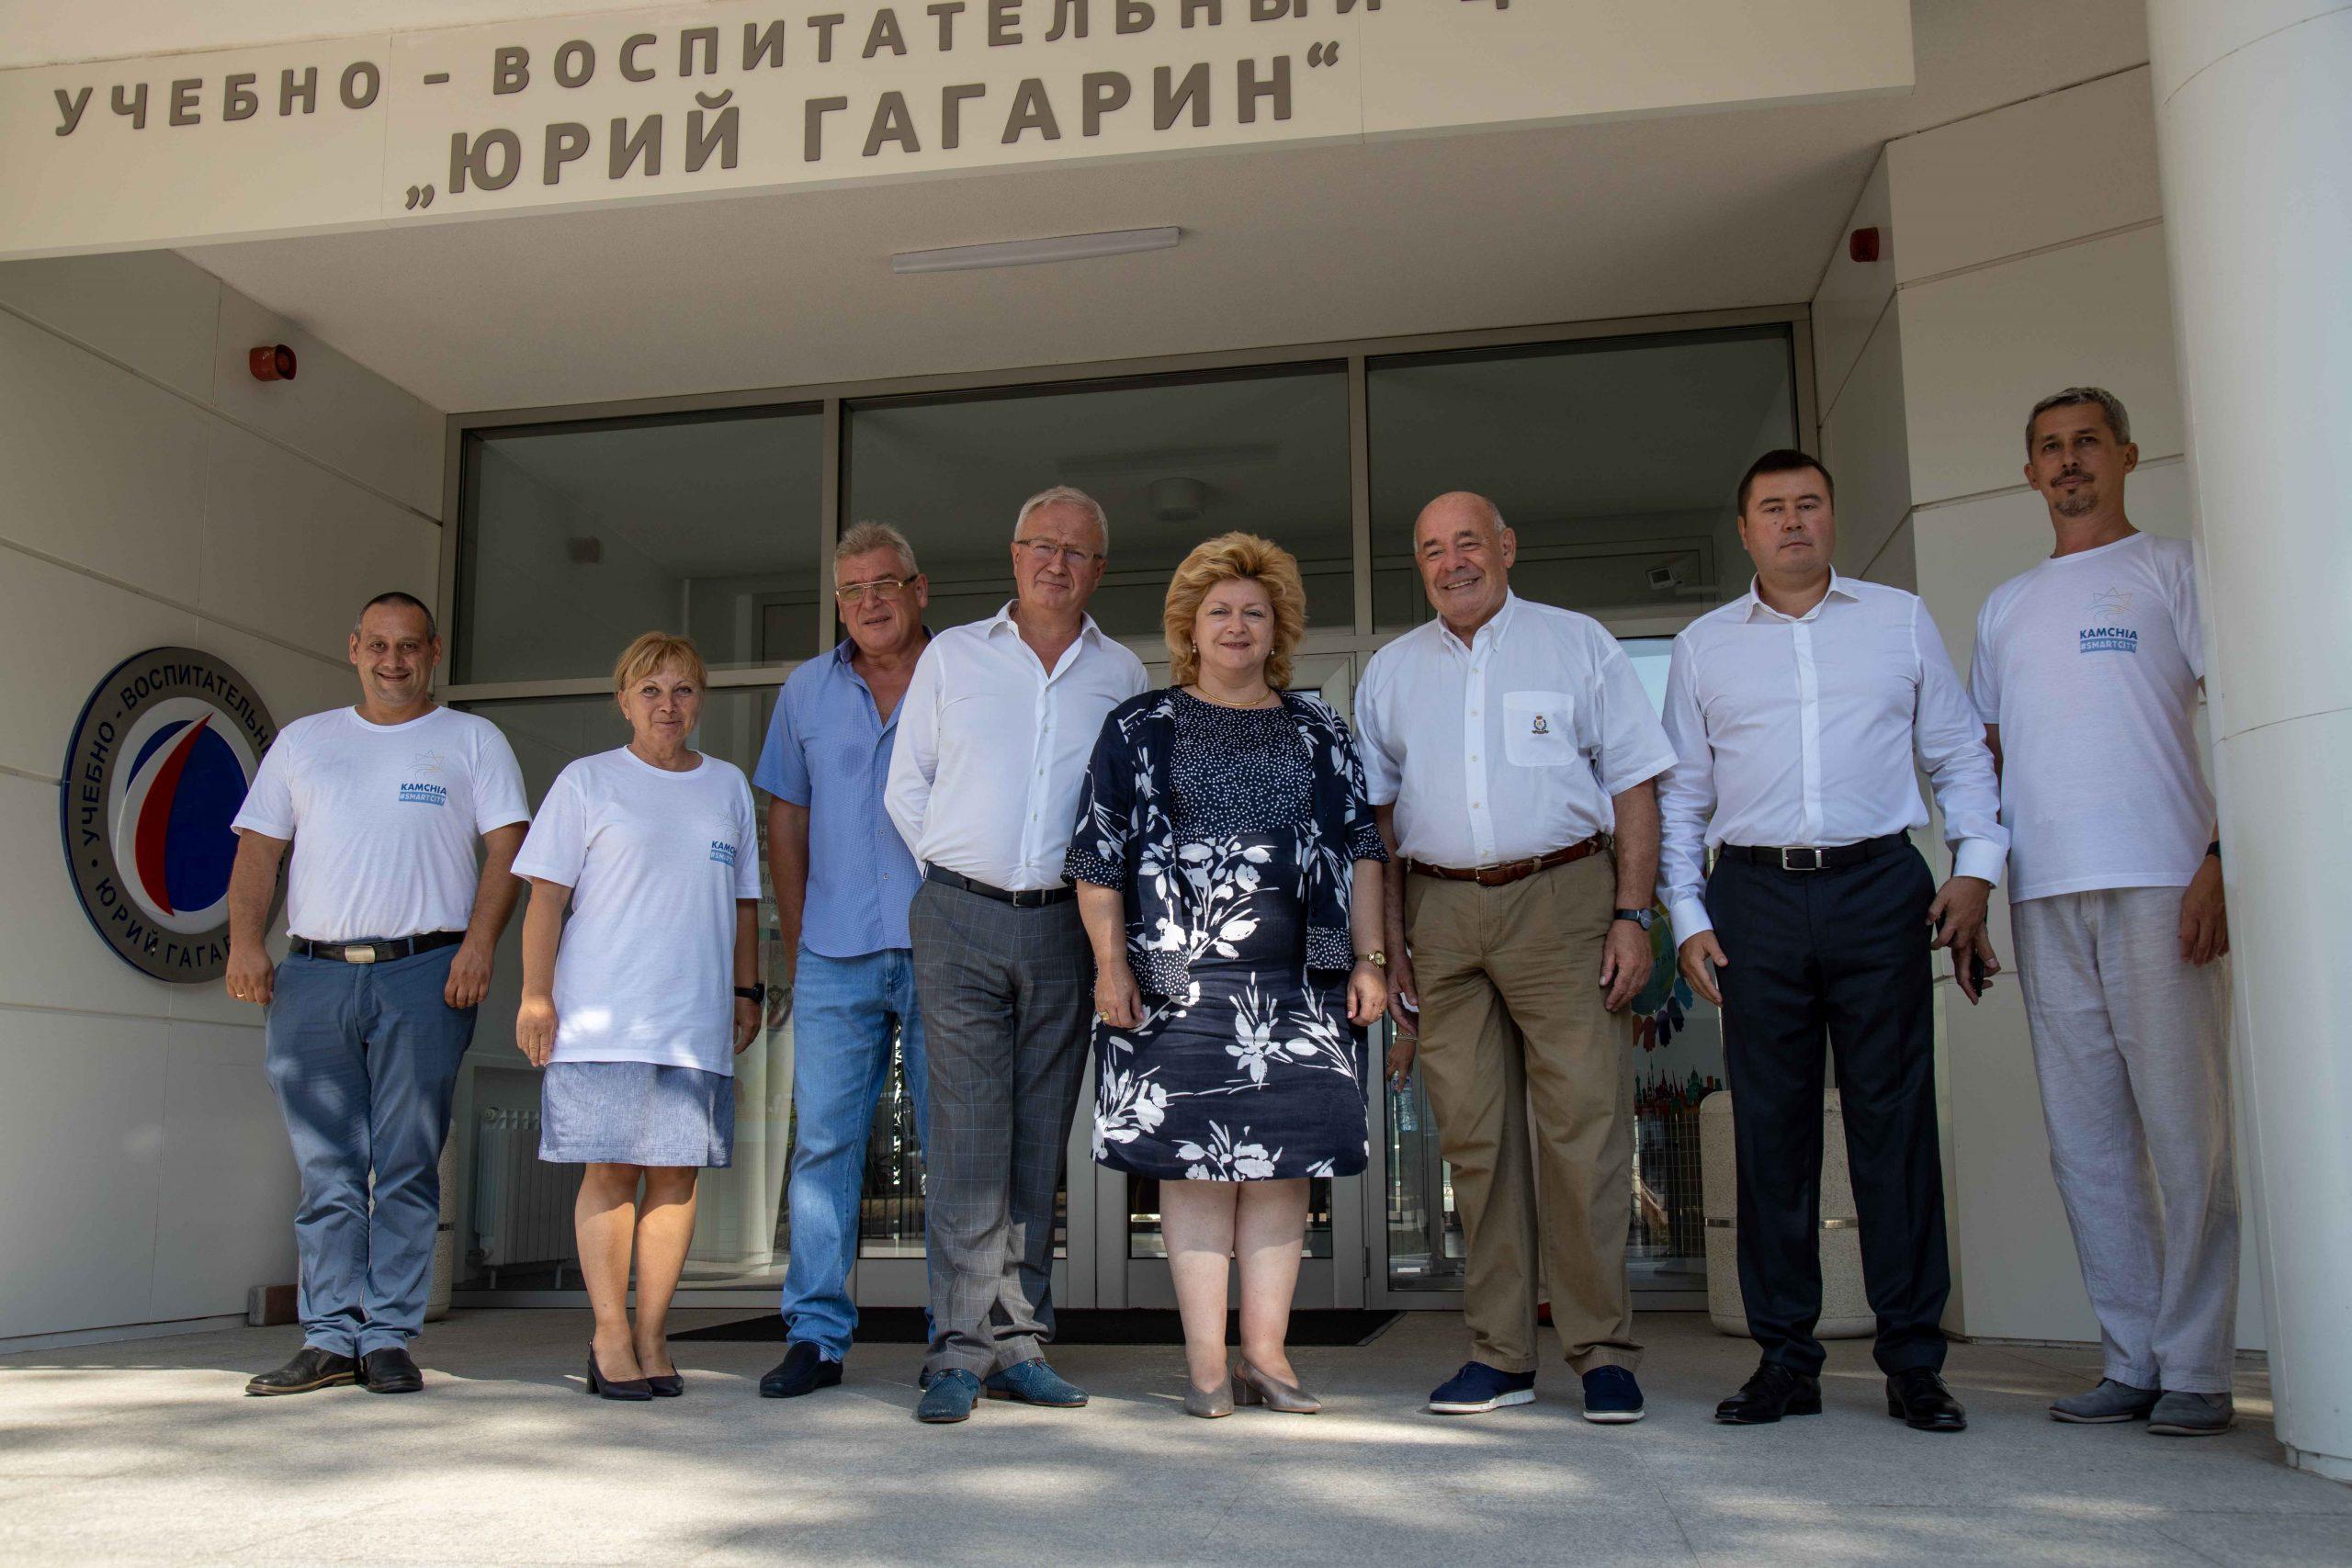 Михаил Швыдкой посетил объект Правительства Москвы, культурно-образовательный центр в Камчии